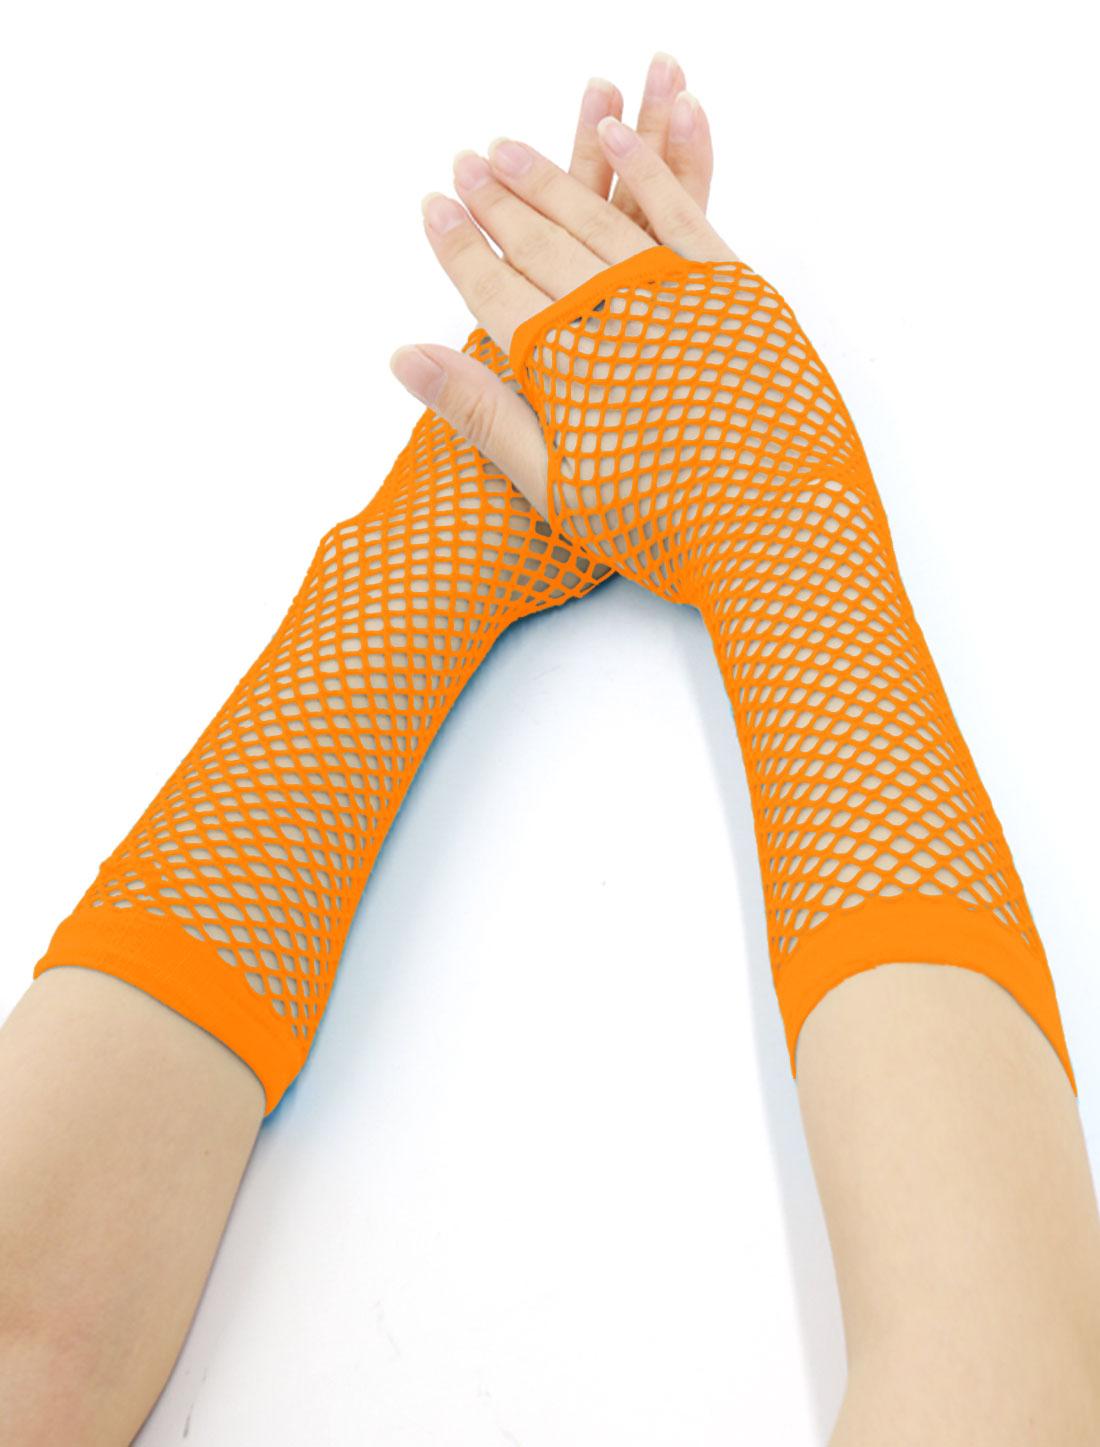 Women Elbow Length Fingerless Fishnet Gloves 2 Pairs Orange